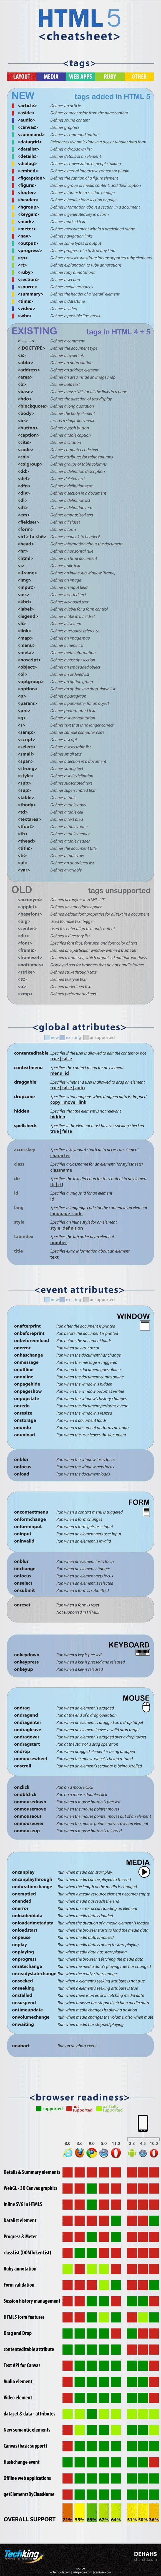 Infographie : une cheatsheet pour le HTML 5